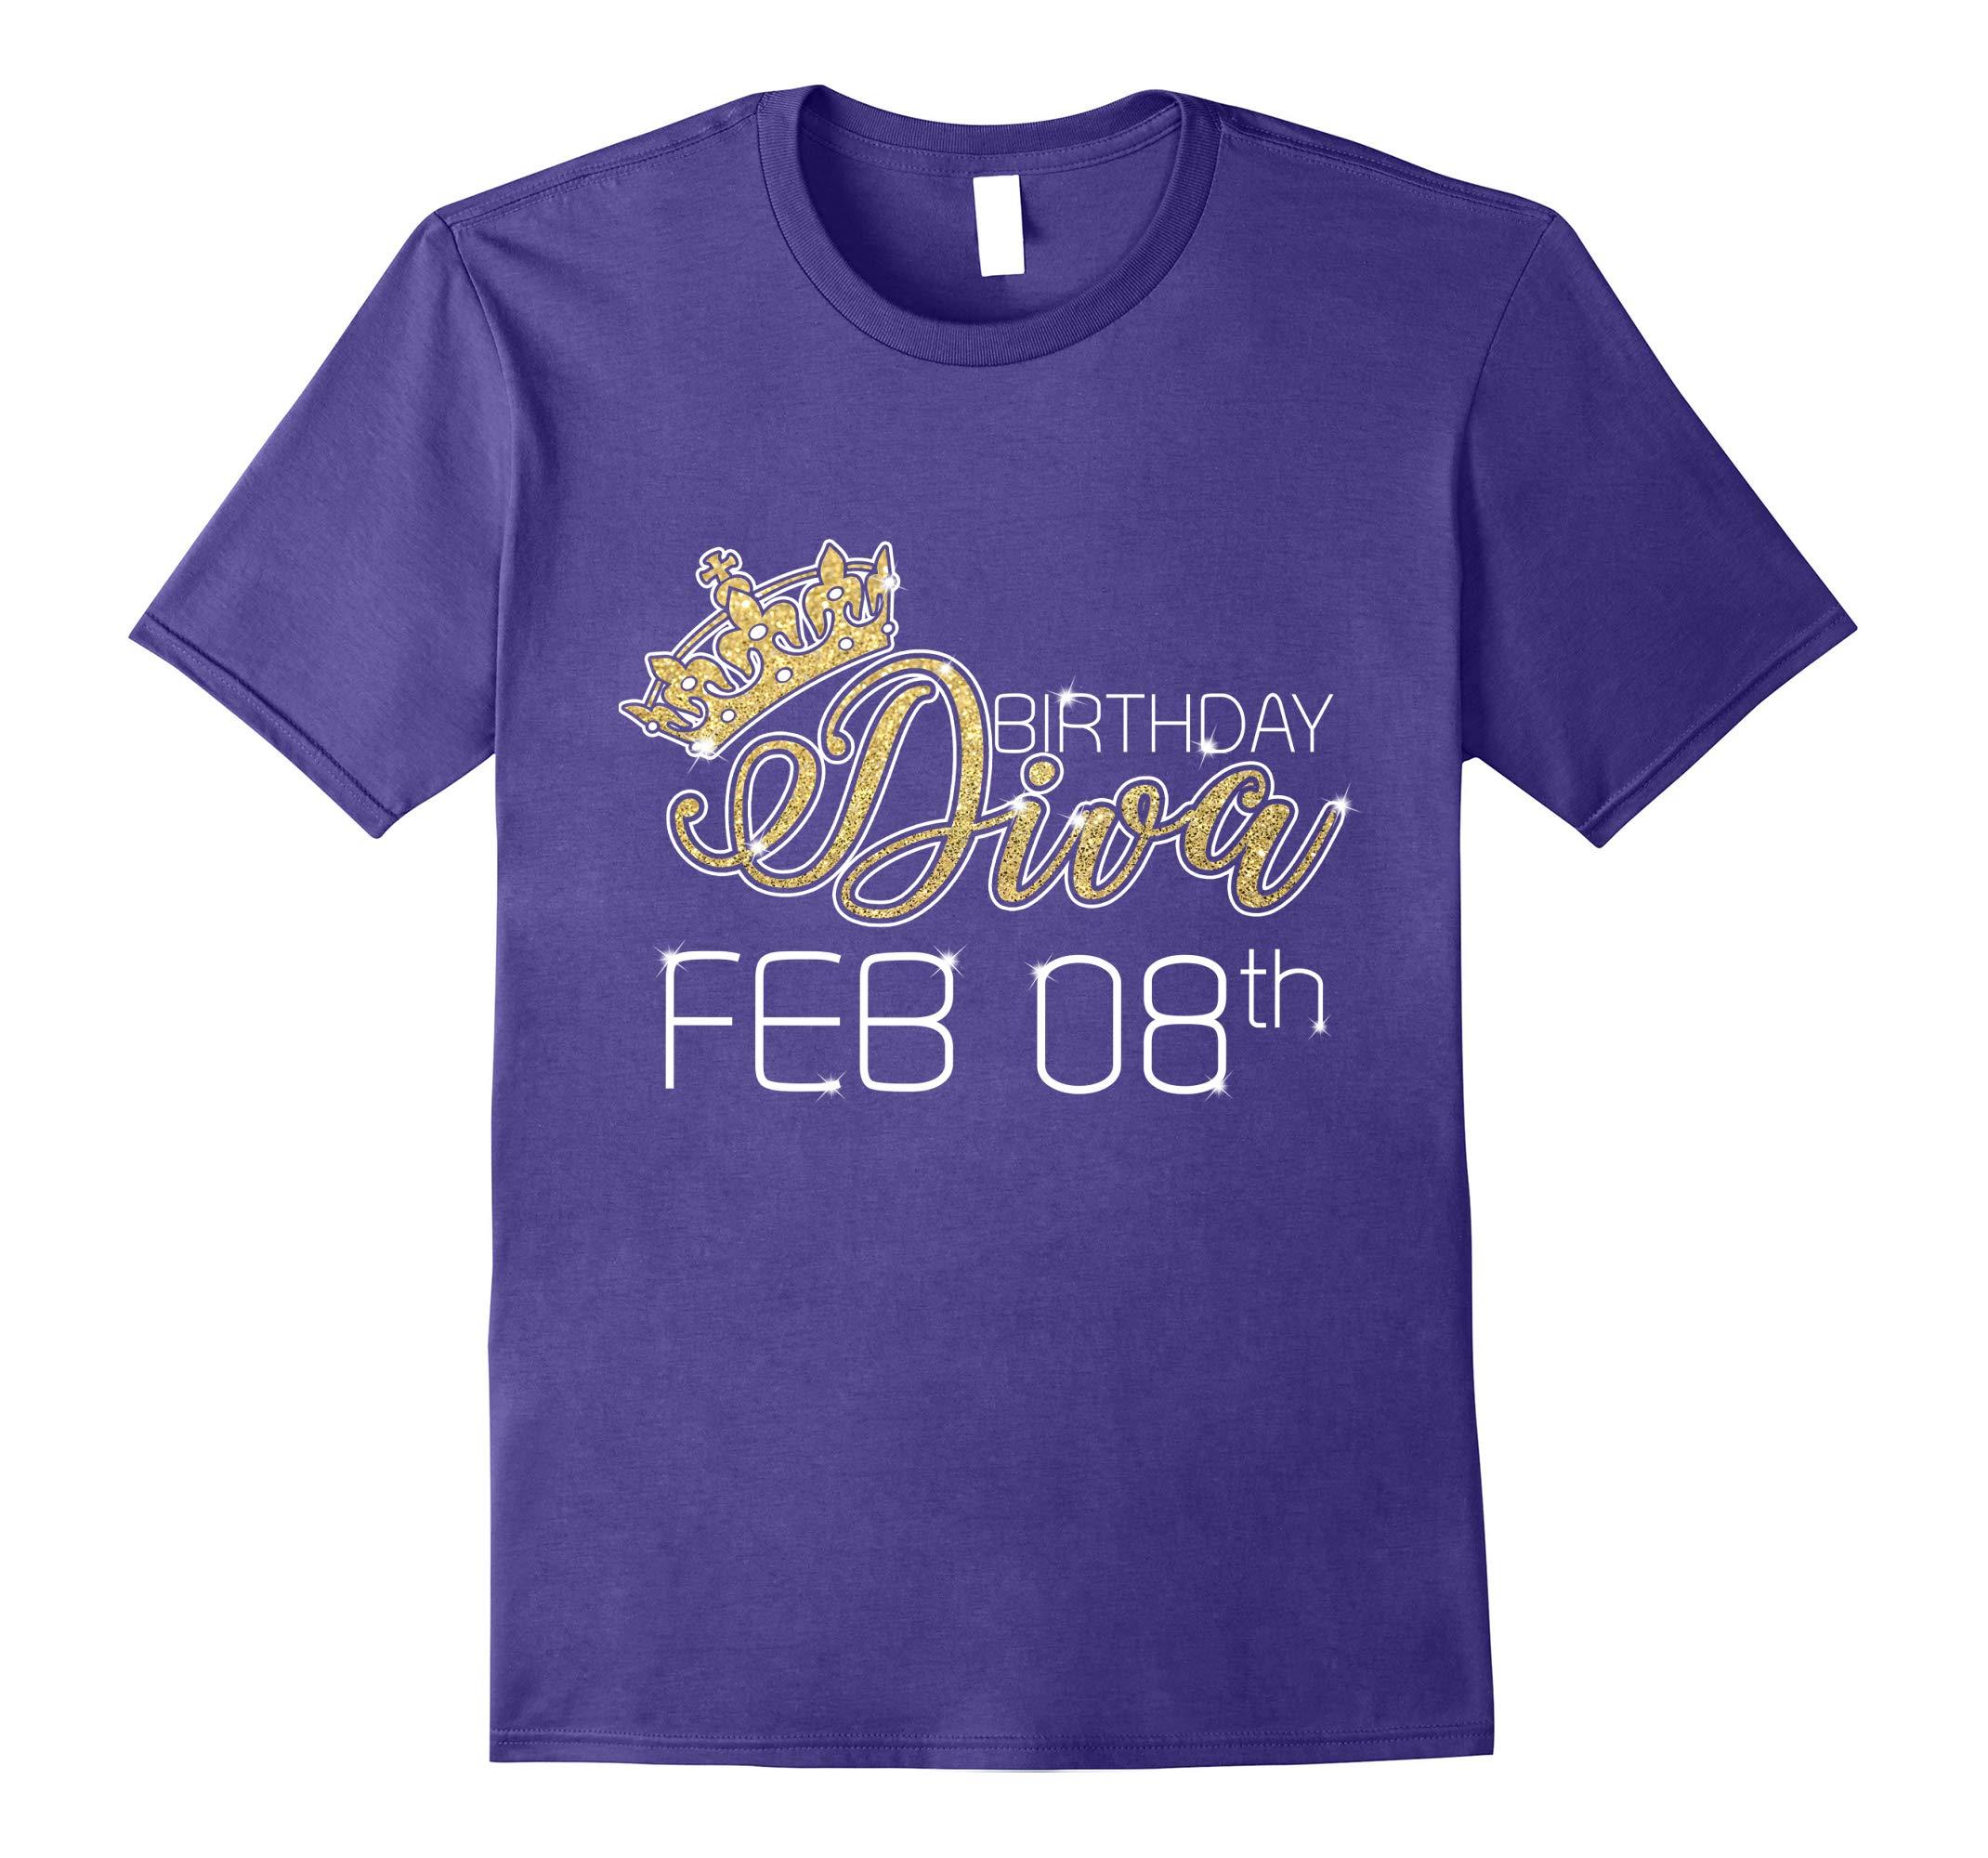 Birthday Diva on February 8th T-shirt Aquarius Pride-RT